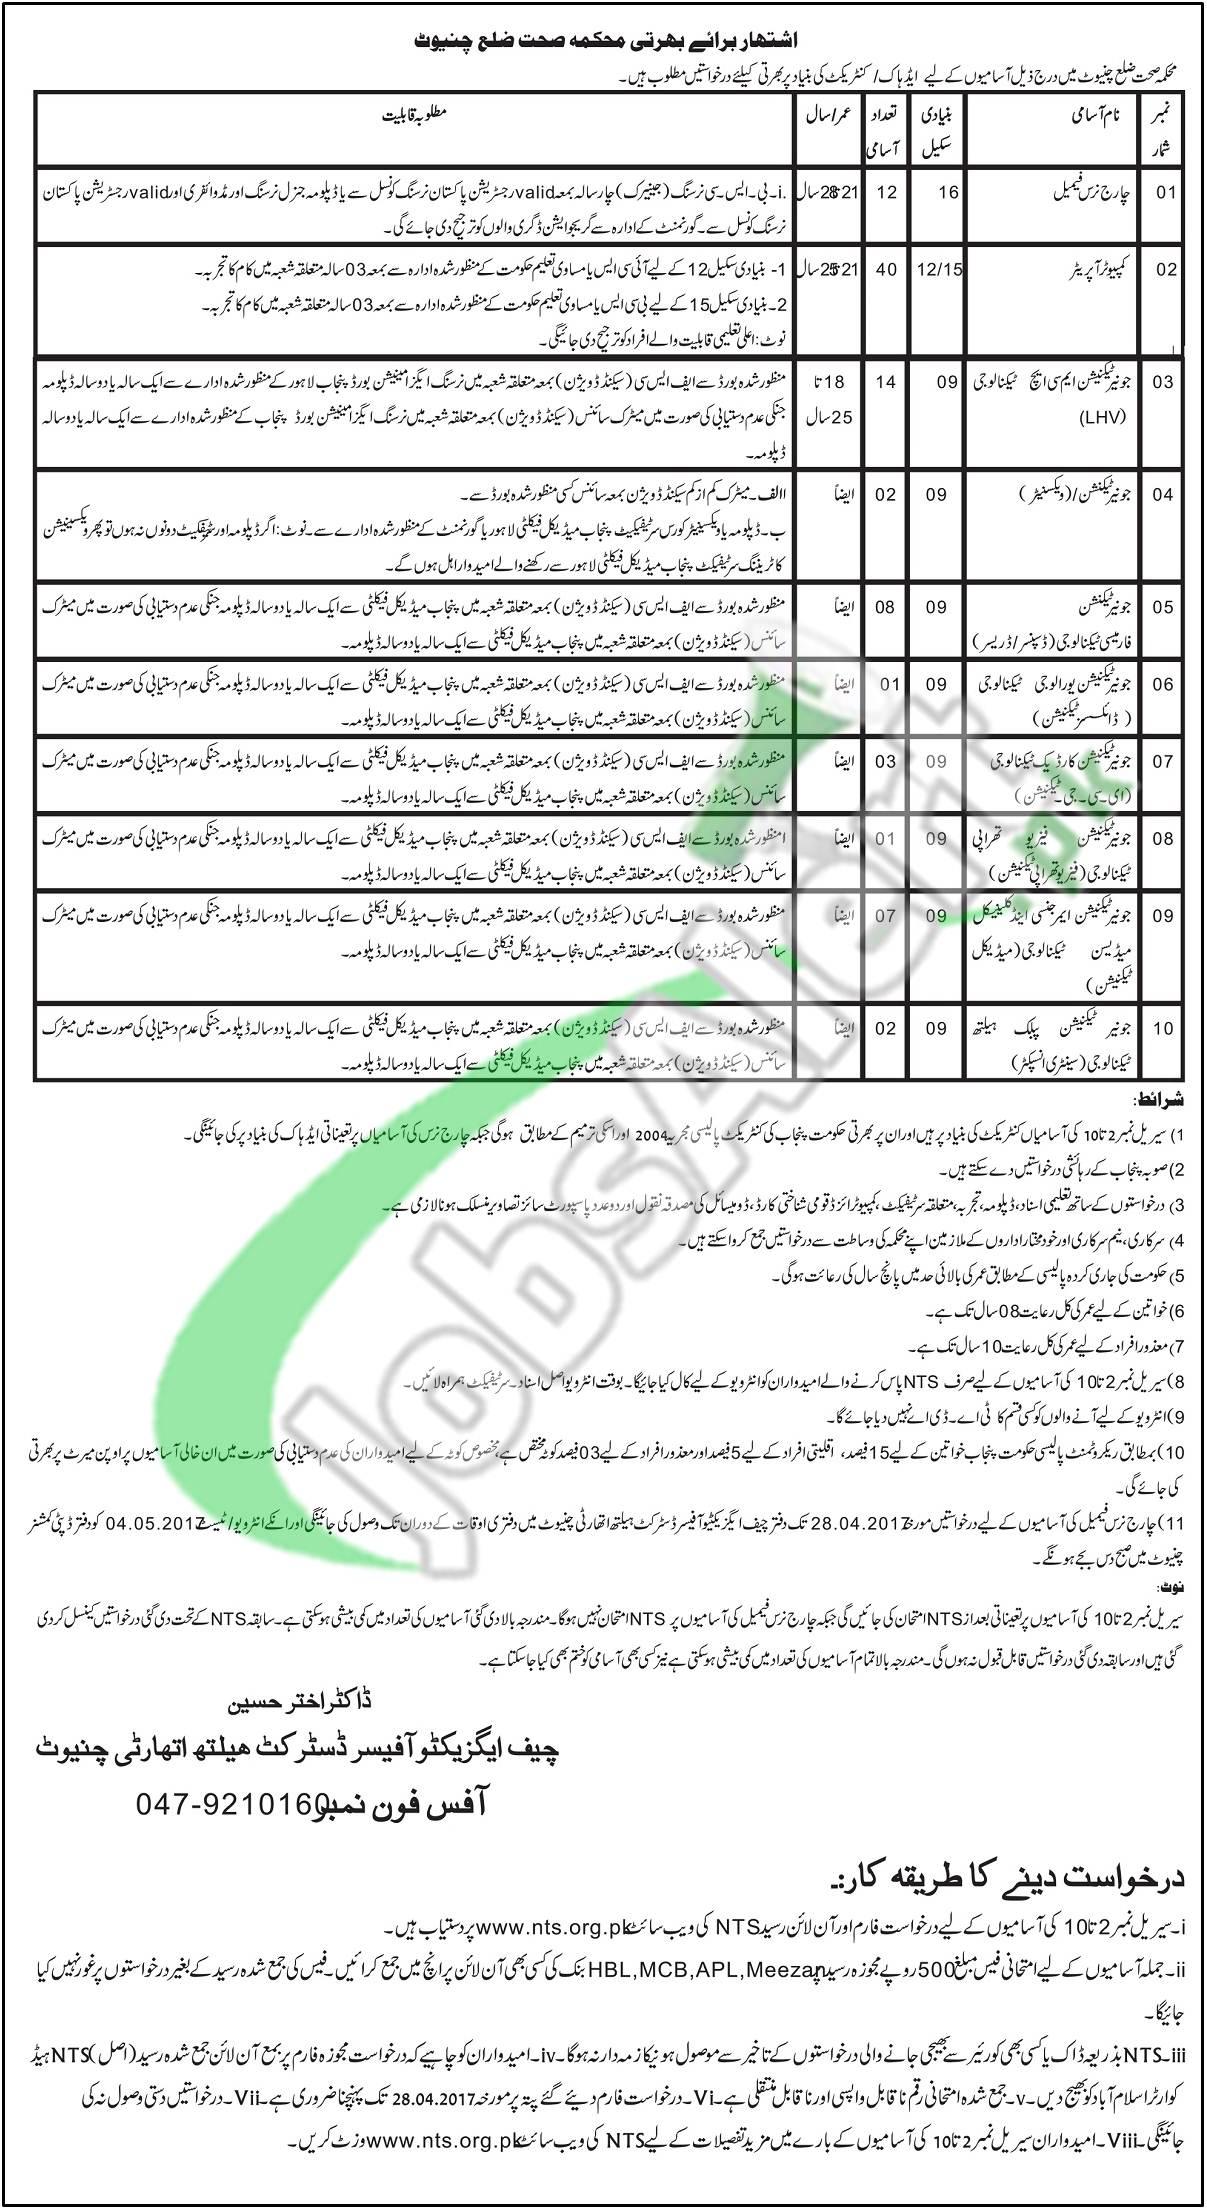 sample online job application form